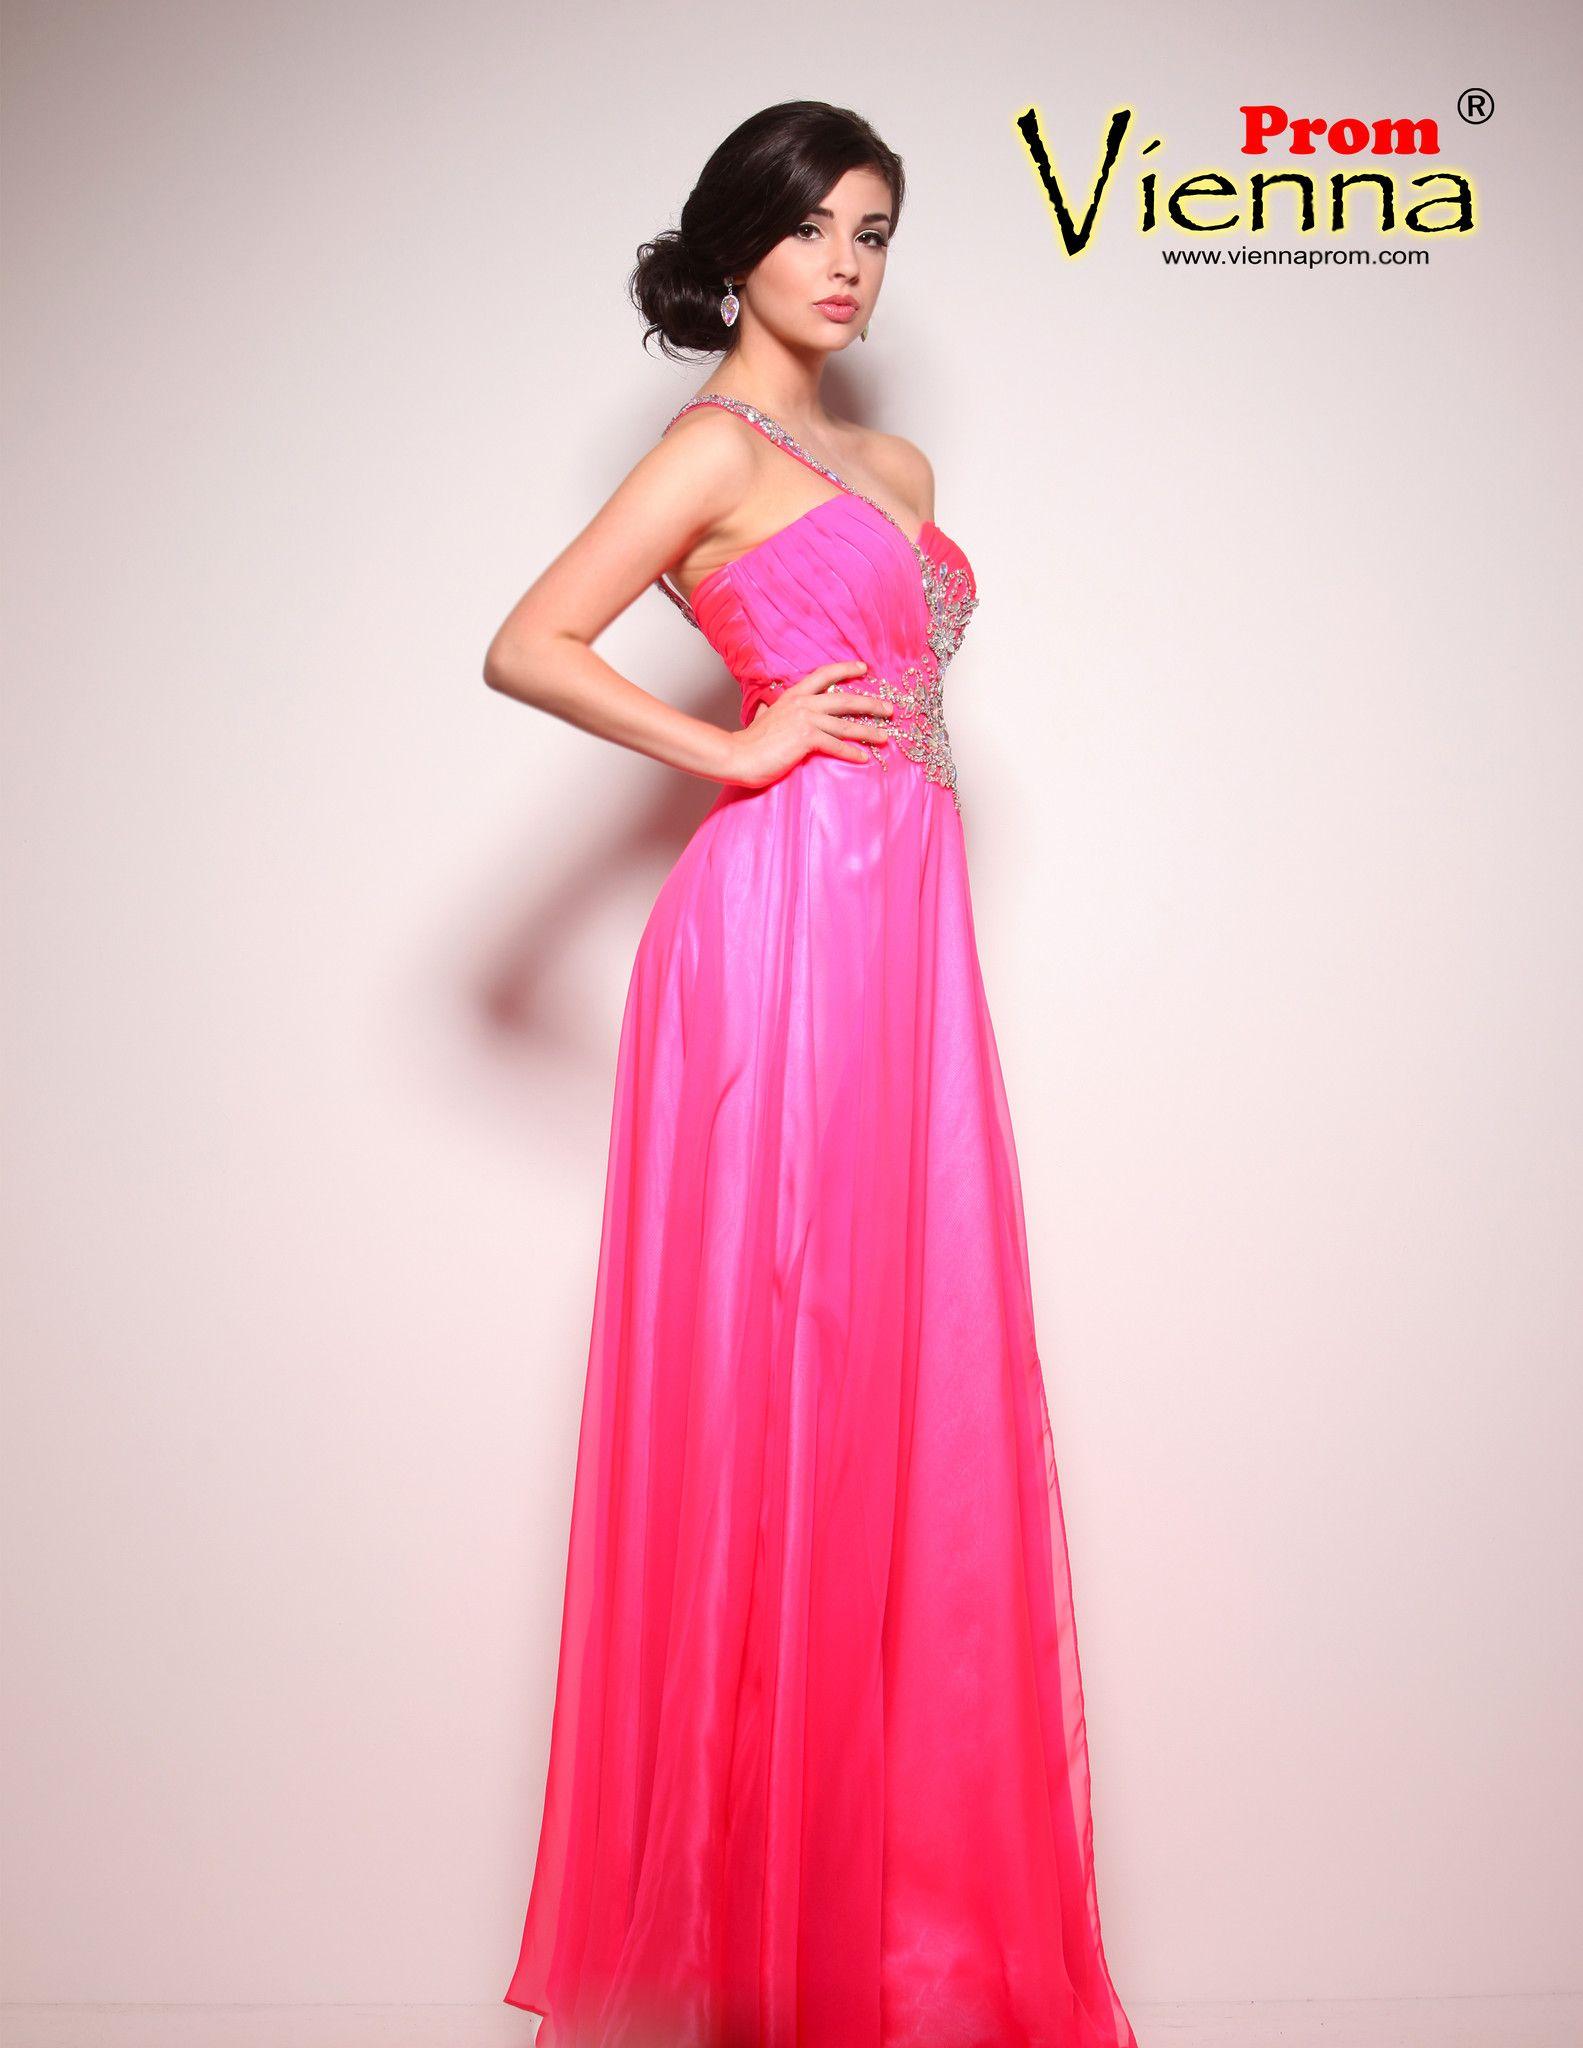 Excelente Prom Vestido Expreso Foto - Colección de Vestidos de Boda ...